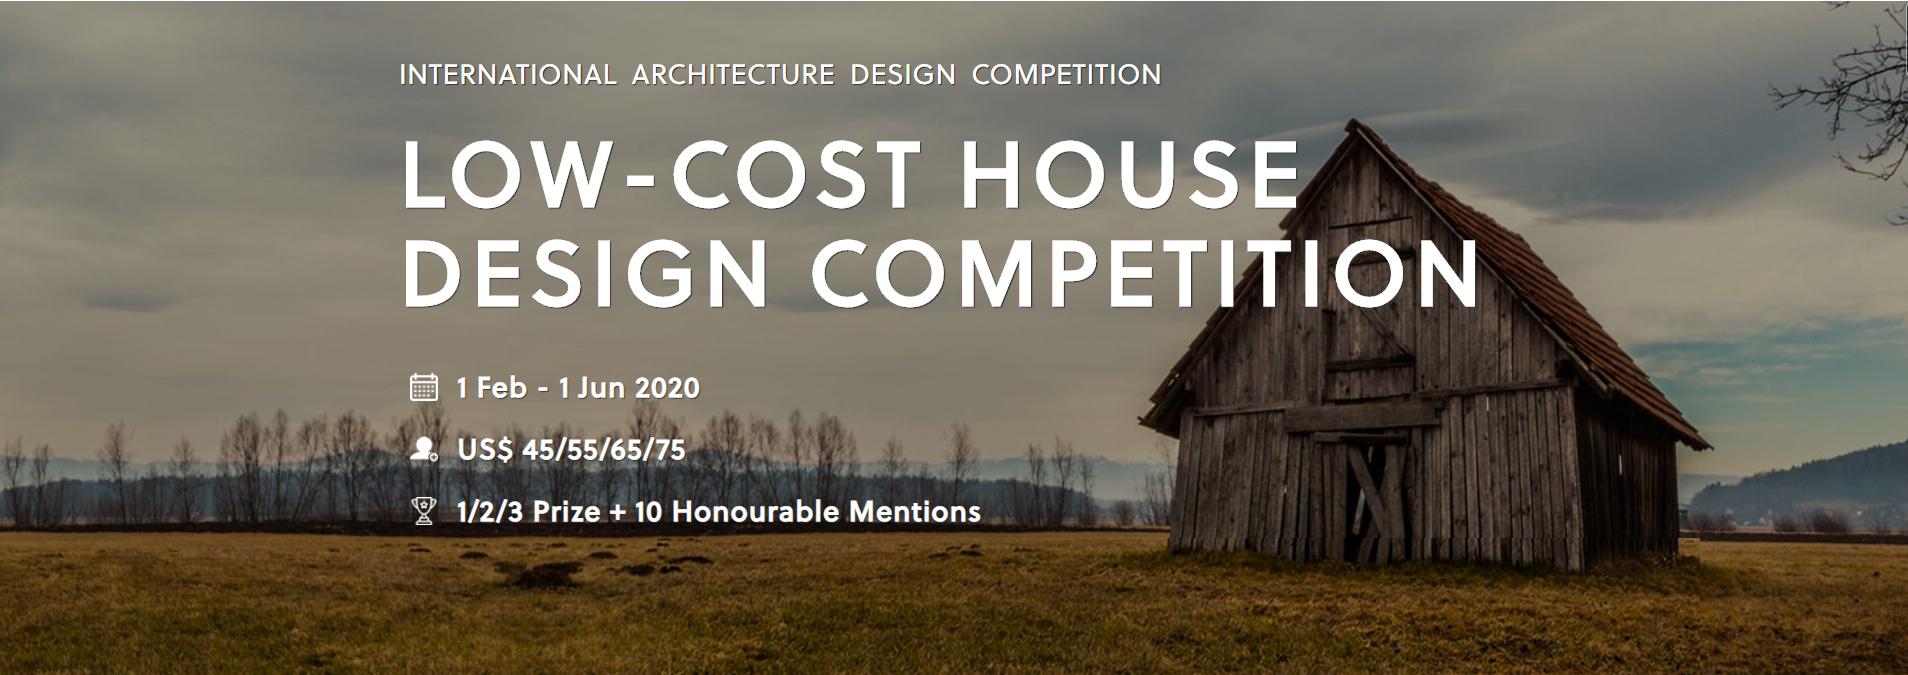 低成本住宅设计竞赛